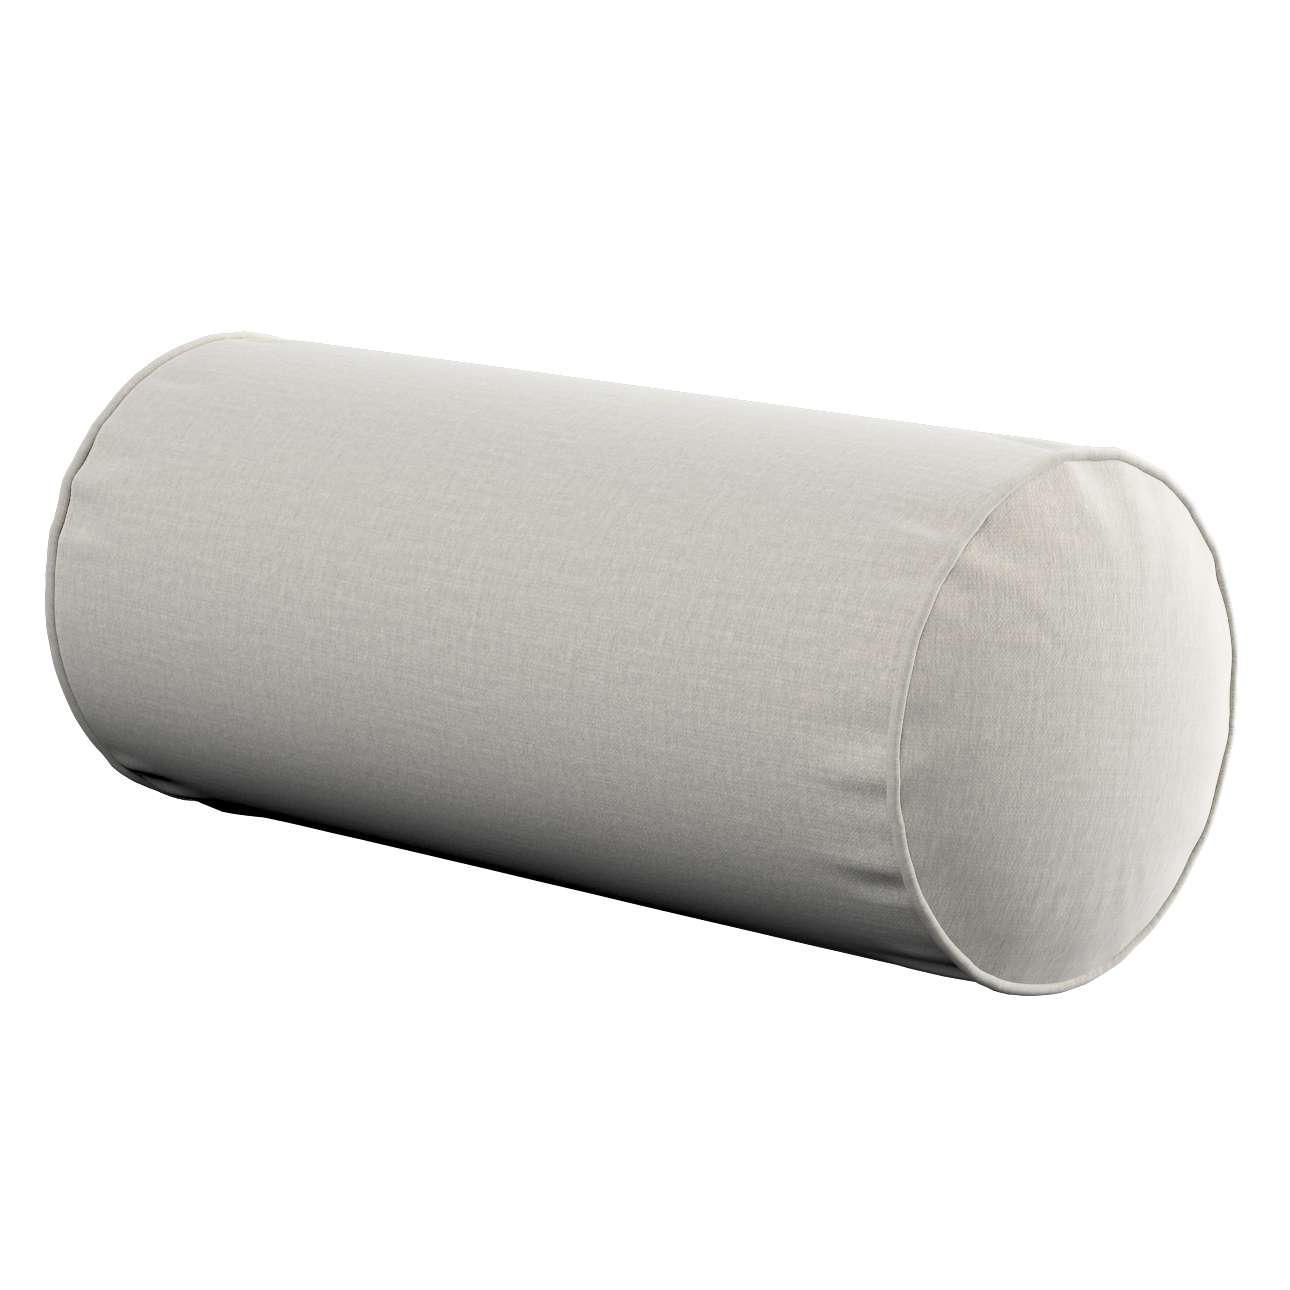 Poduszka wałek prosty w kolekcji Ingrid, tkanina: 705-40